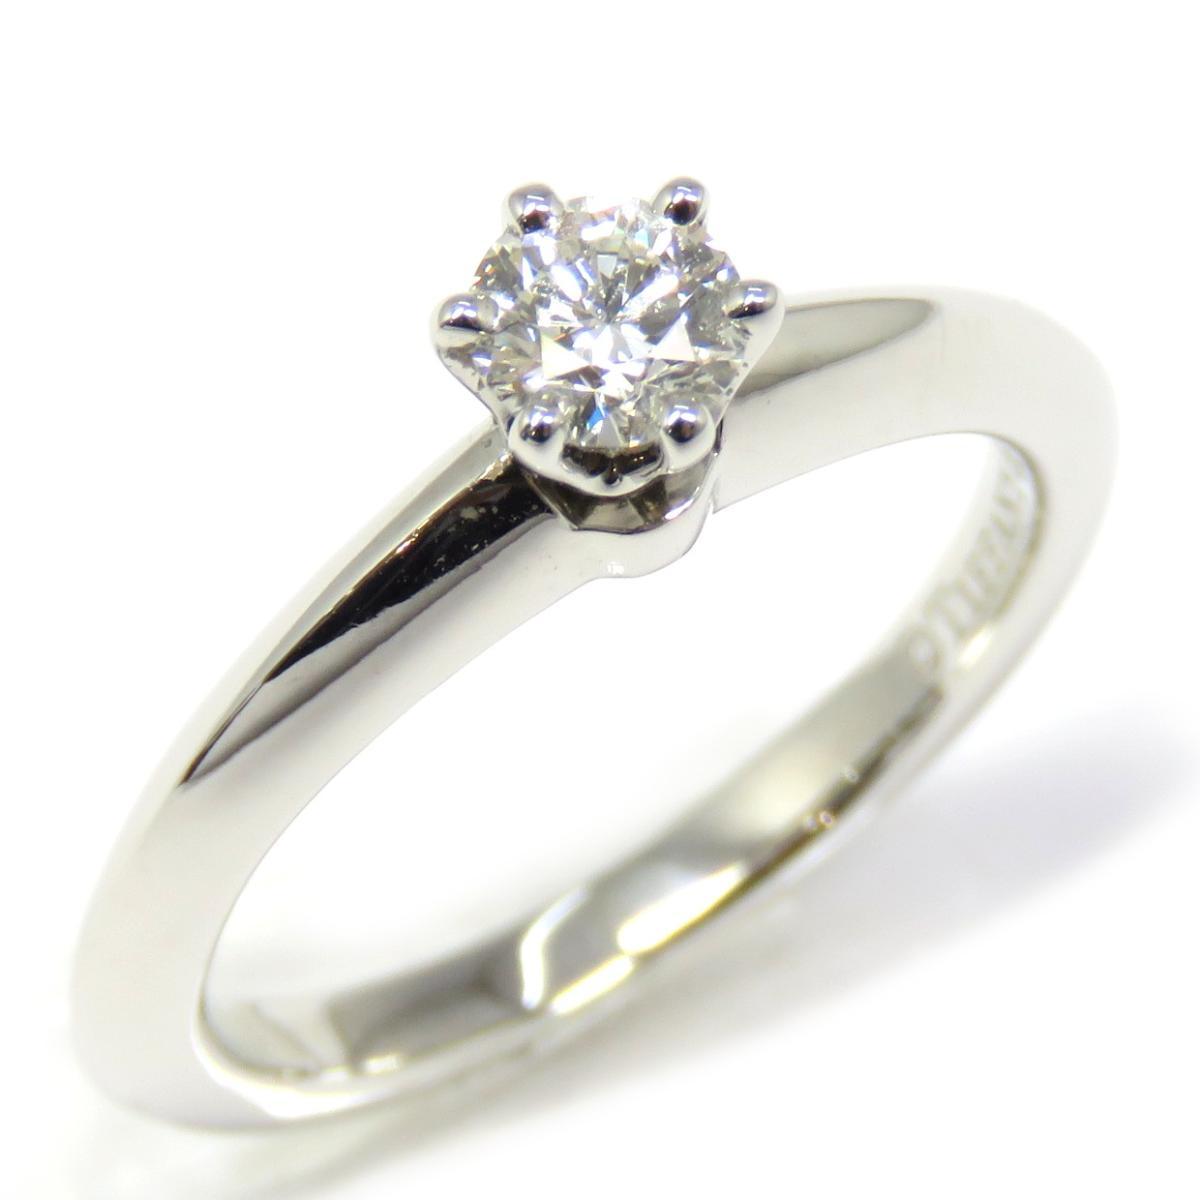 数量限定セール  【特価商品】TIFFANY&CO(ティファニー)/ソリティアリング ダイヤモンド 指輪/リング//PT950(プラチナ)×ダイヤモンド 0.24ct/【ランクA】/5号【】, one creation 9c71e5c8